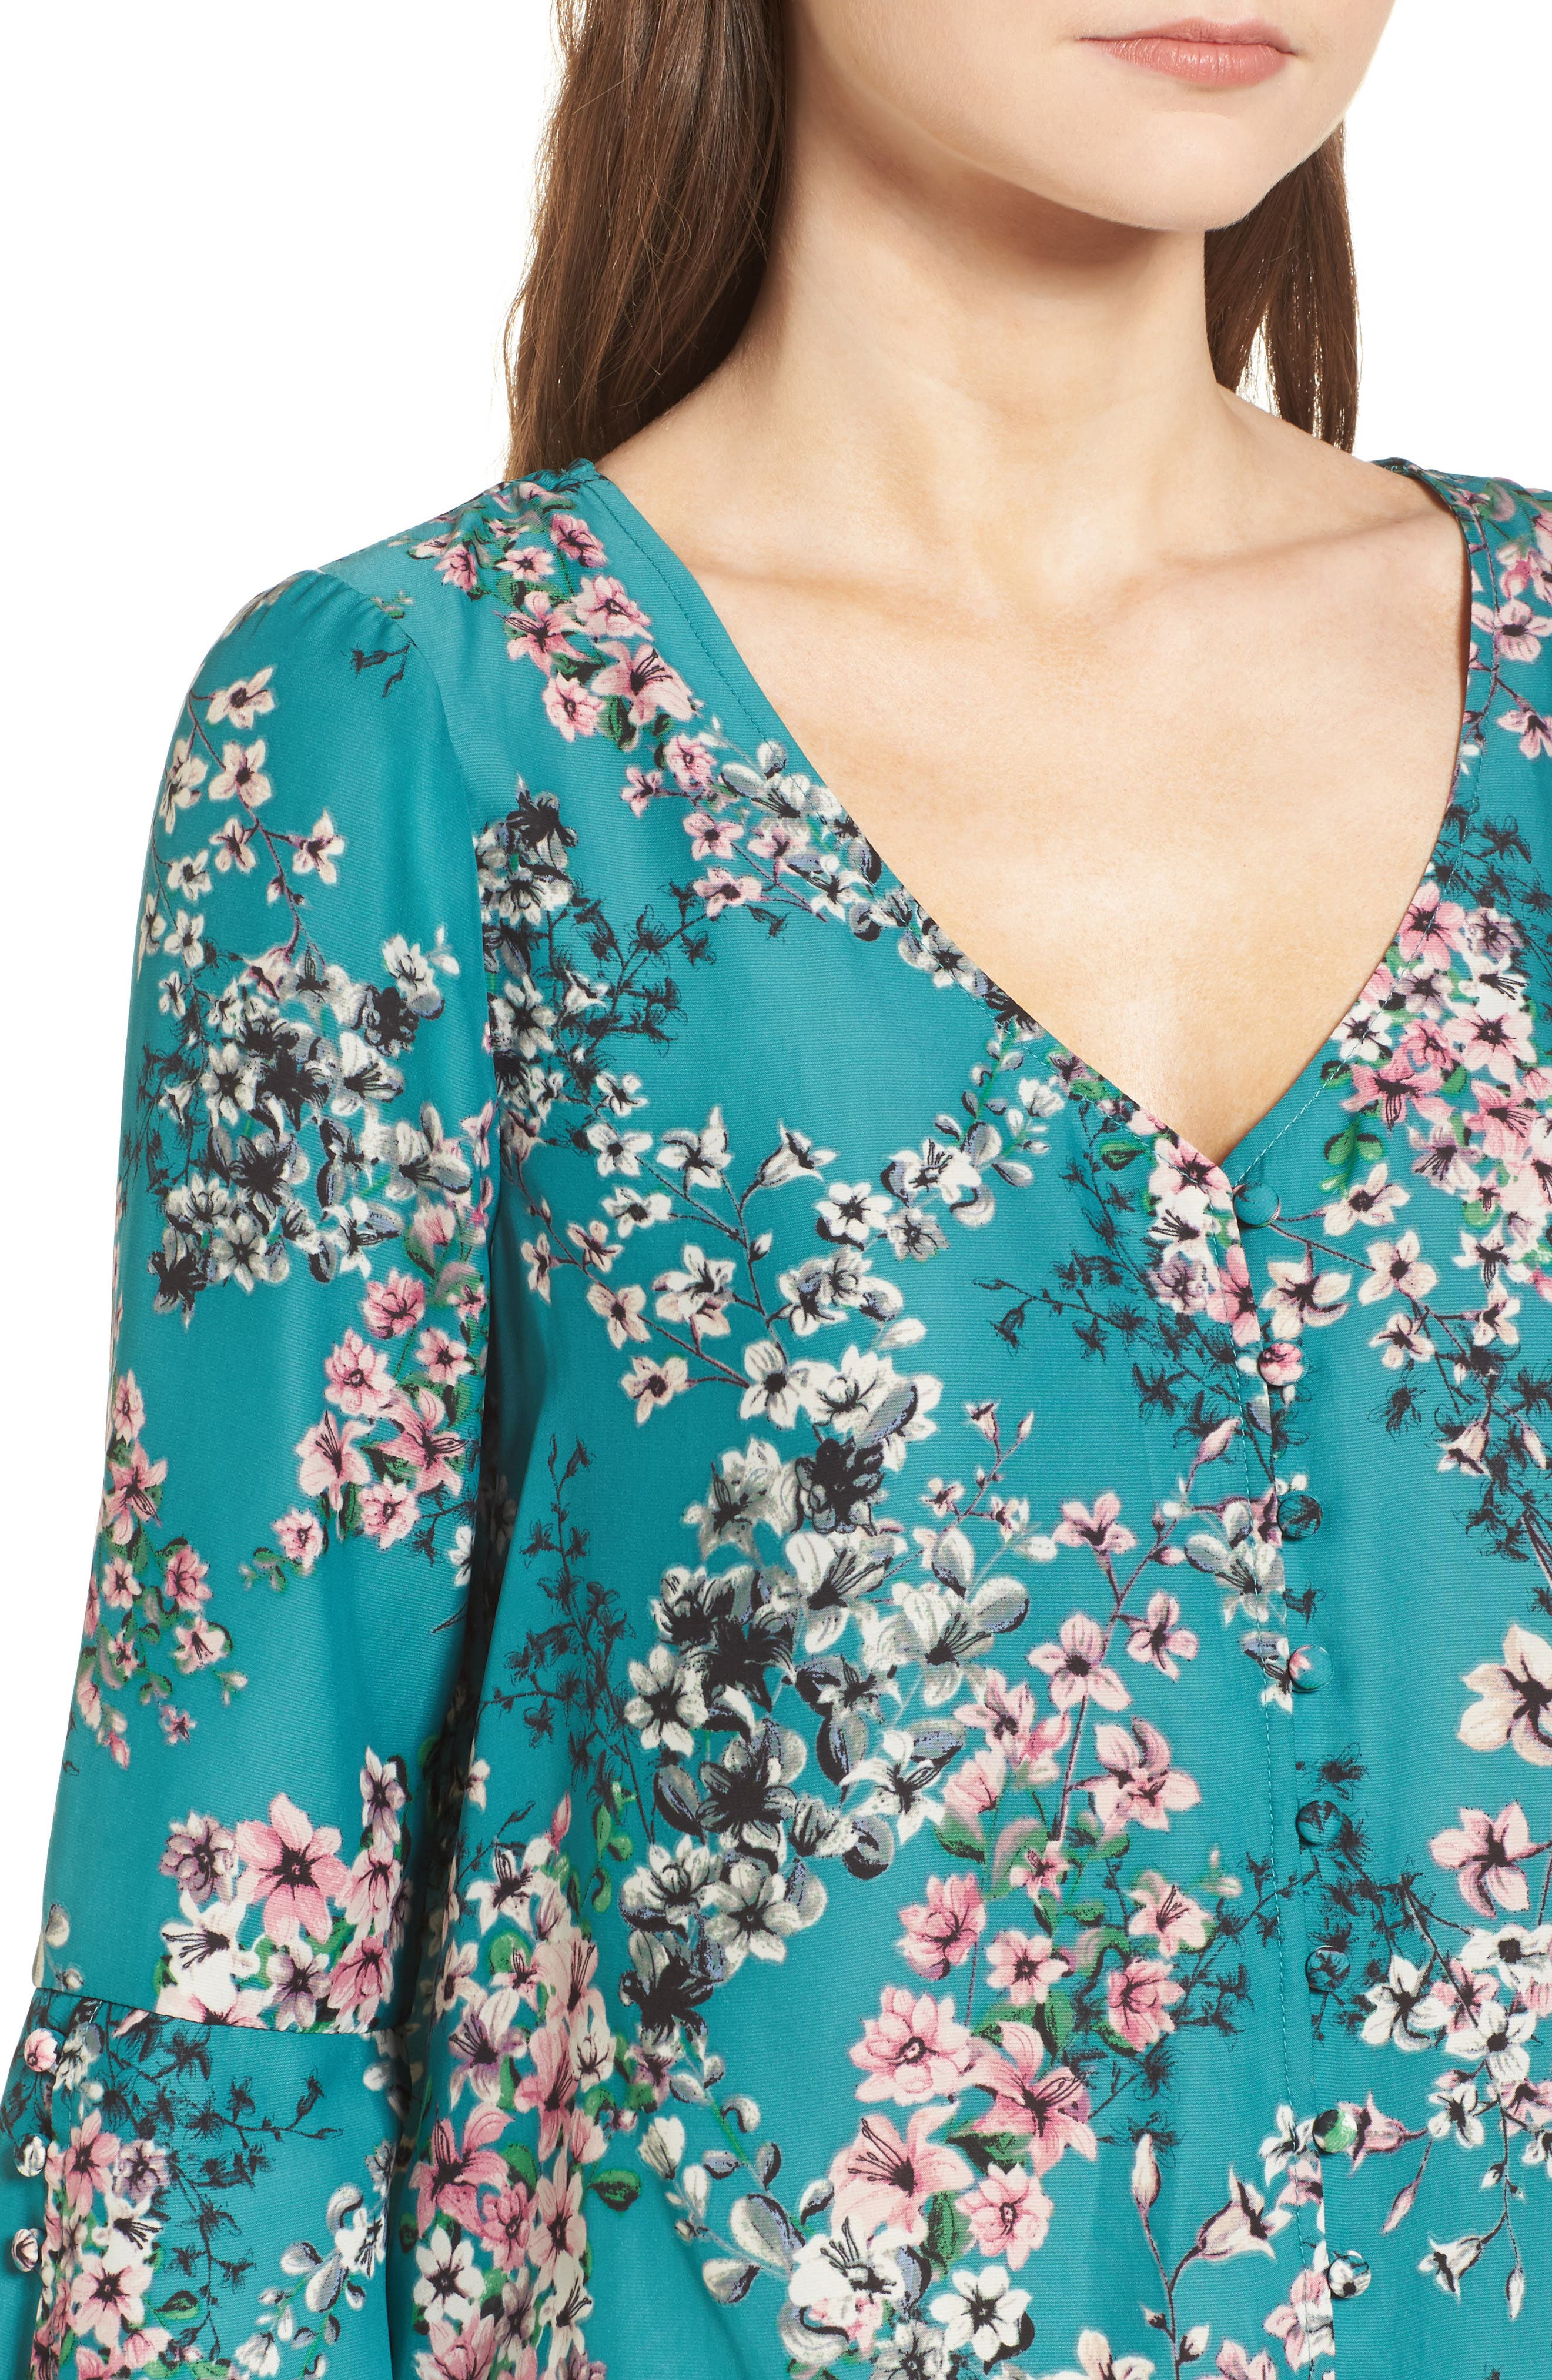 Nadette Floral Blouse,                             Alternate thumbnail 8, color,